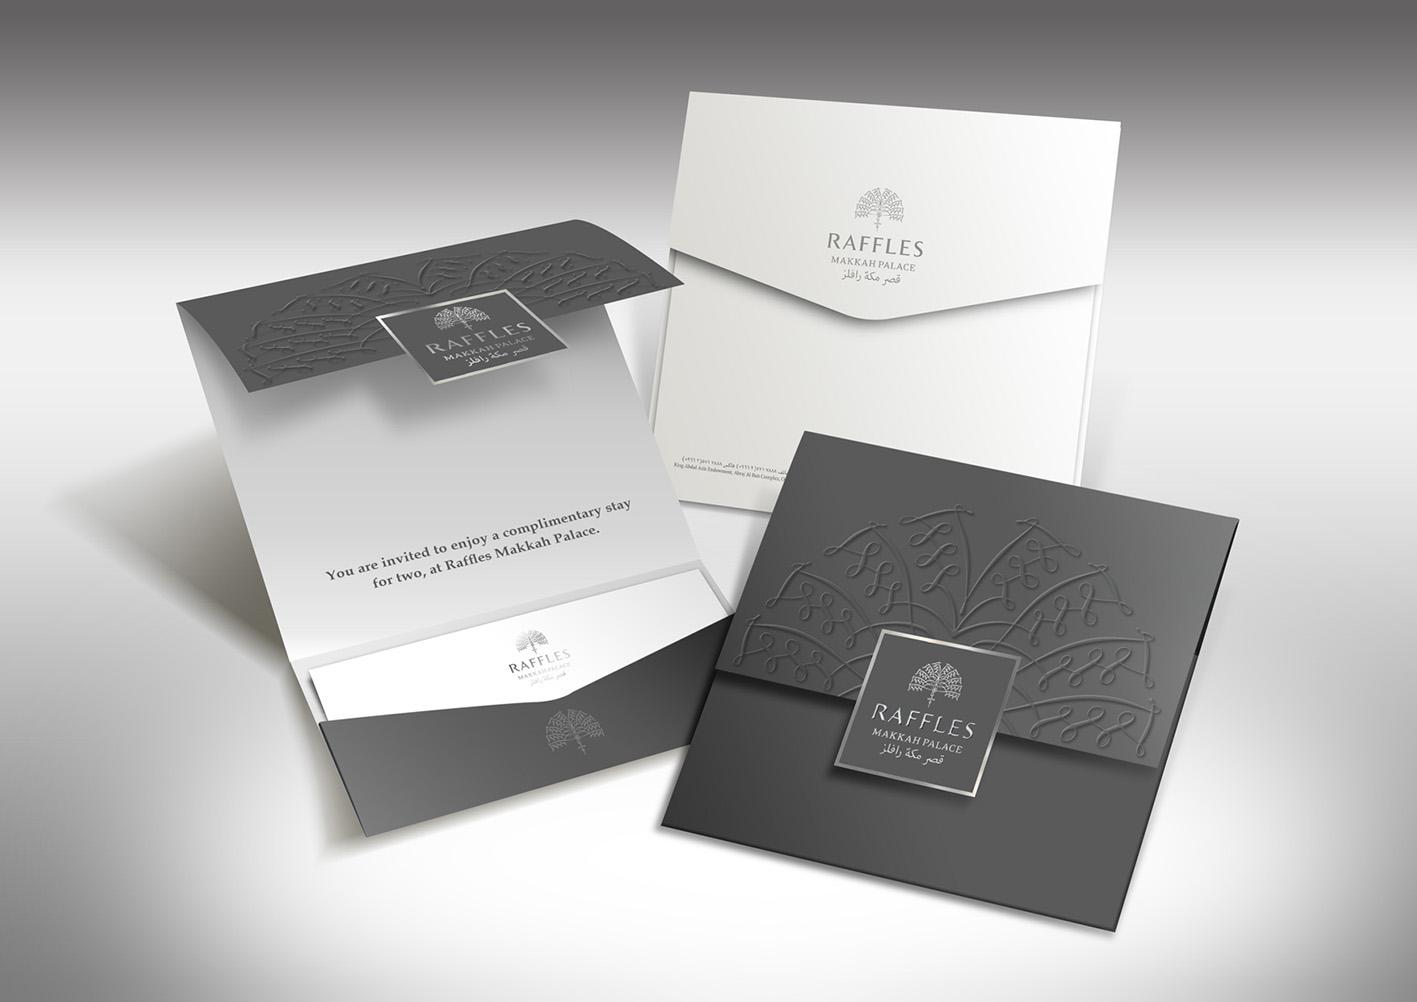 Конфетами открытки, открытки дизайнерские официальные